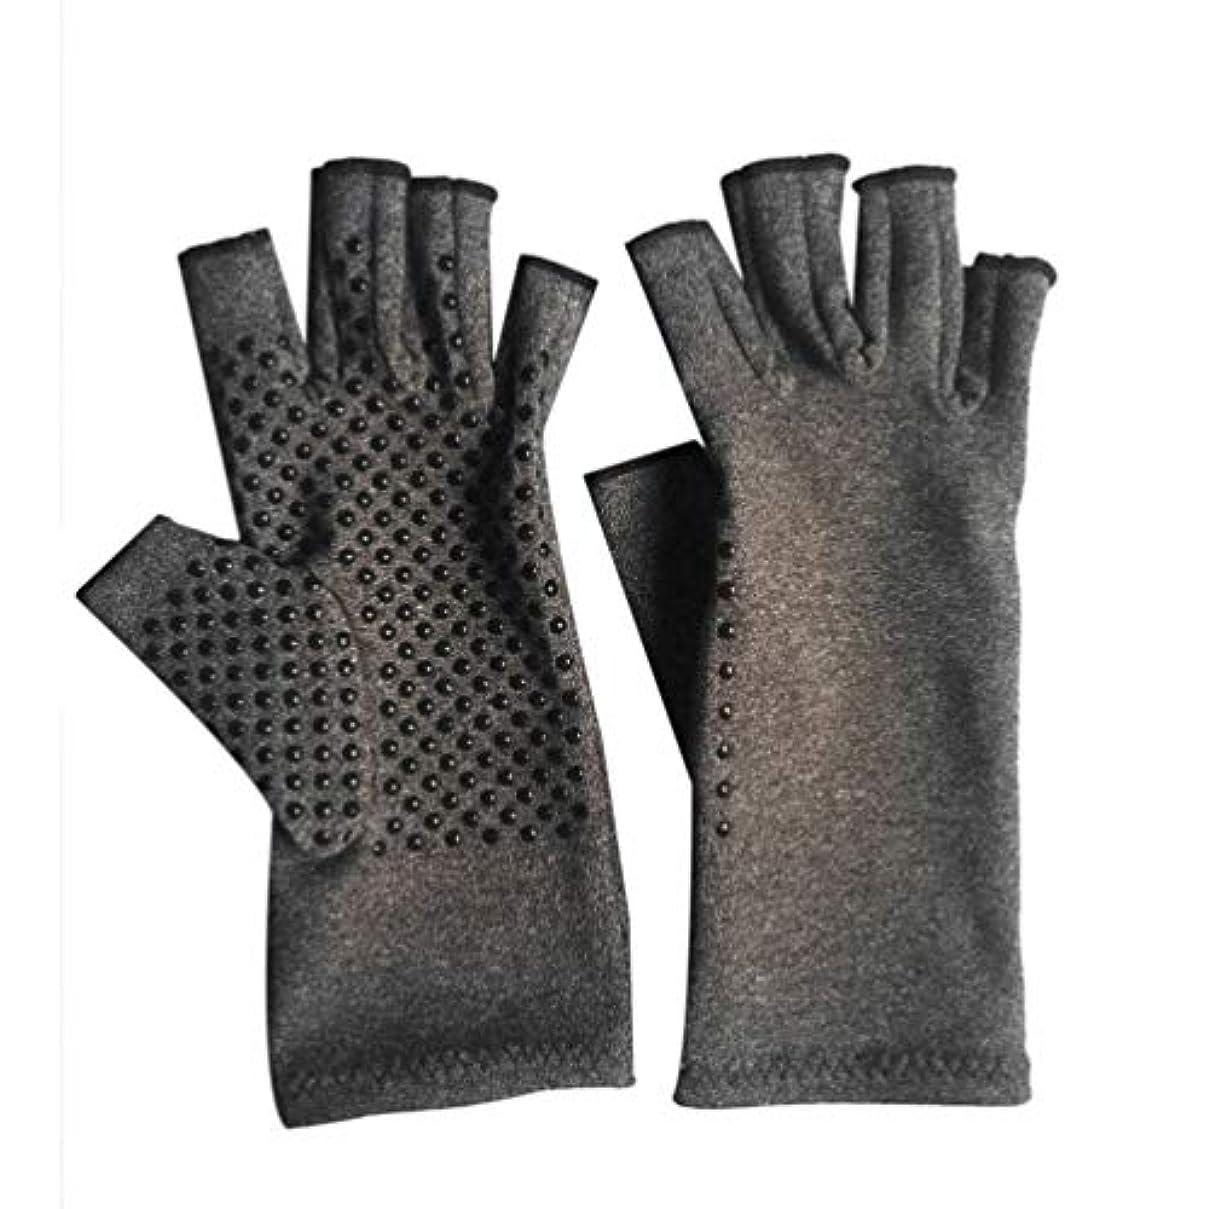 ゴールデン移動するおしゃれな1ペアユニセックス男性女性療法圧縮手袋関節炎関節痛緩和ヘルスケア半指手袋トレーニング手袋 - グレーM